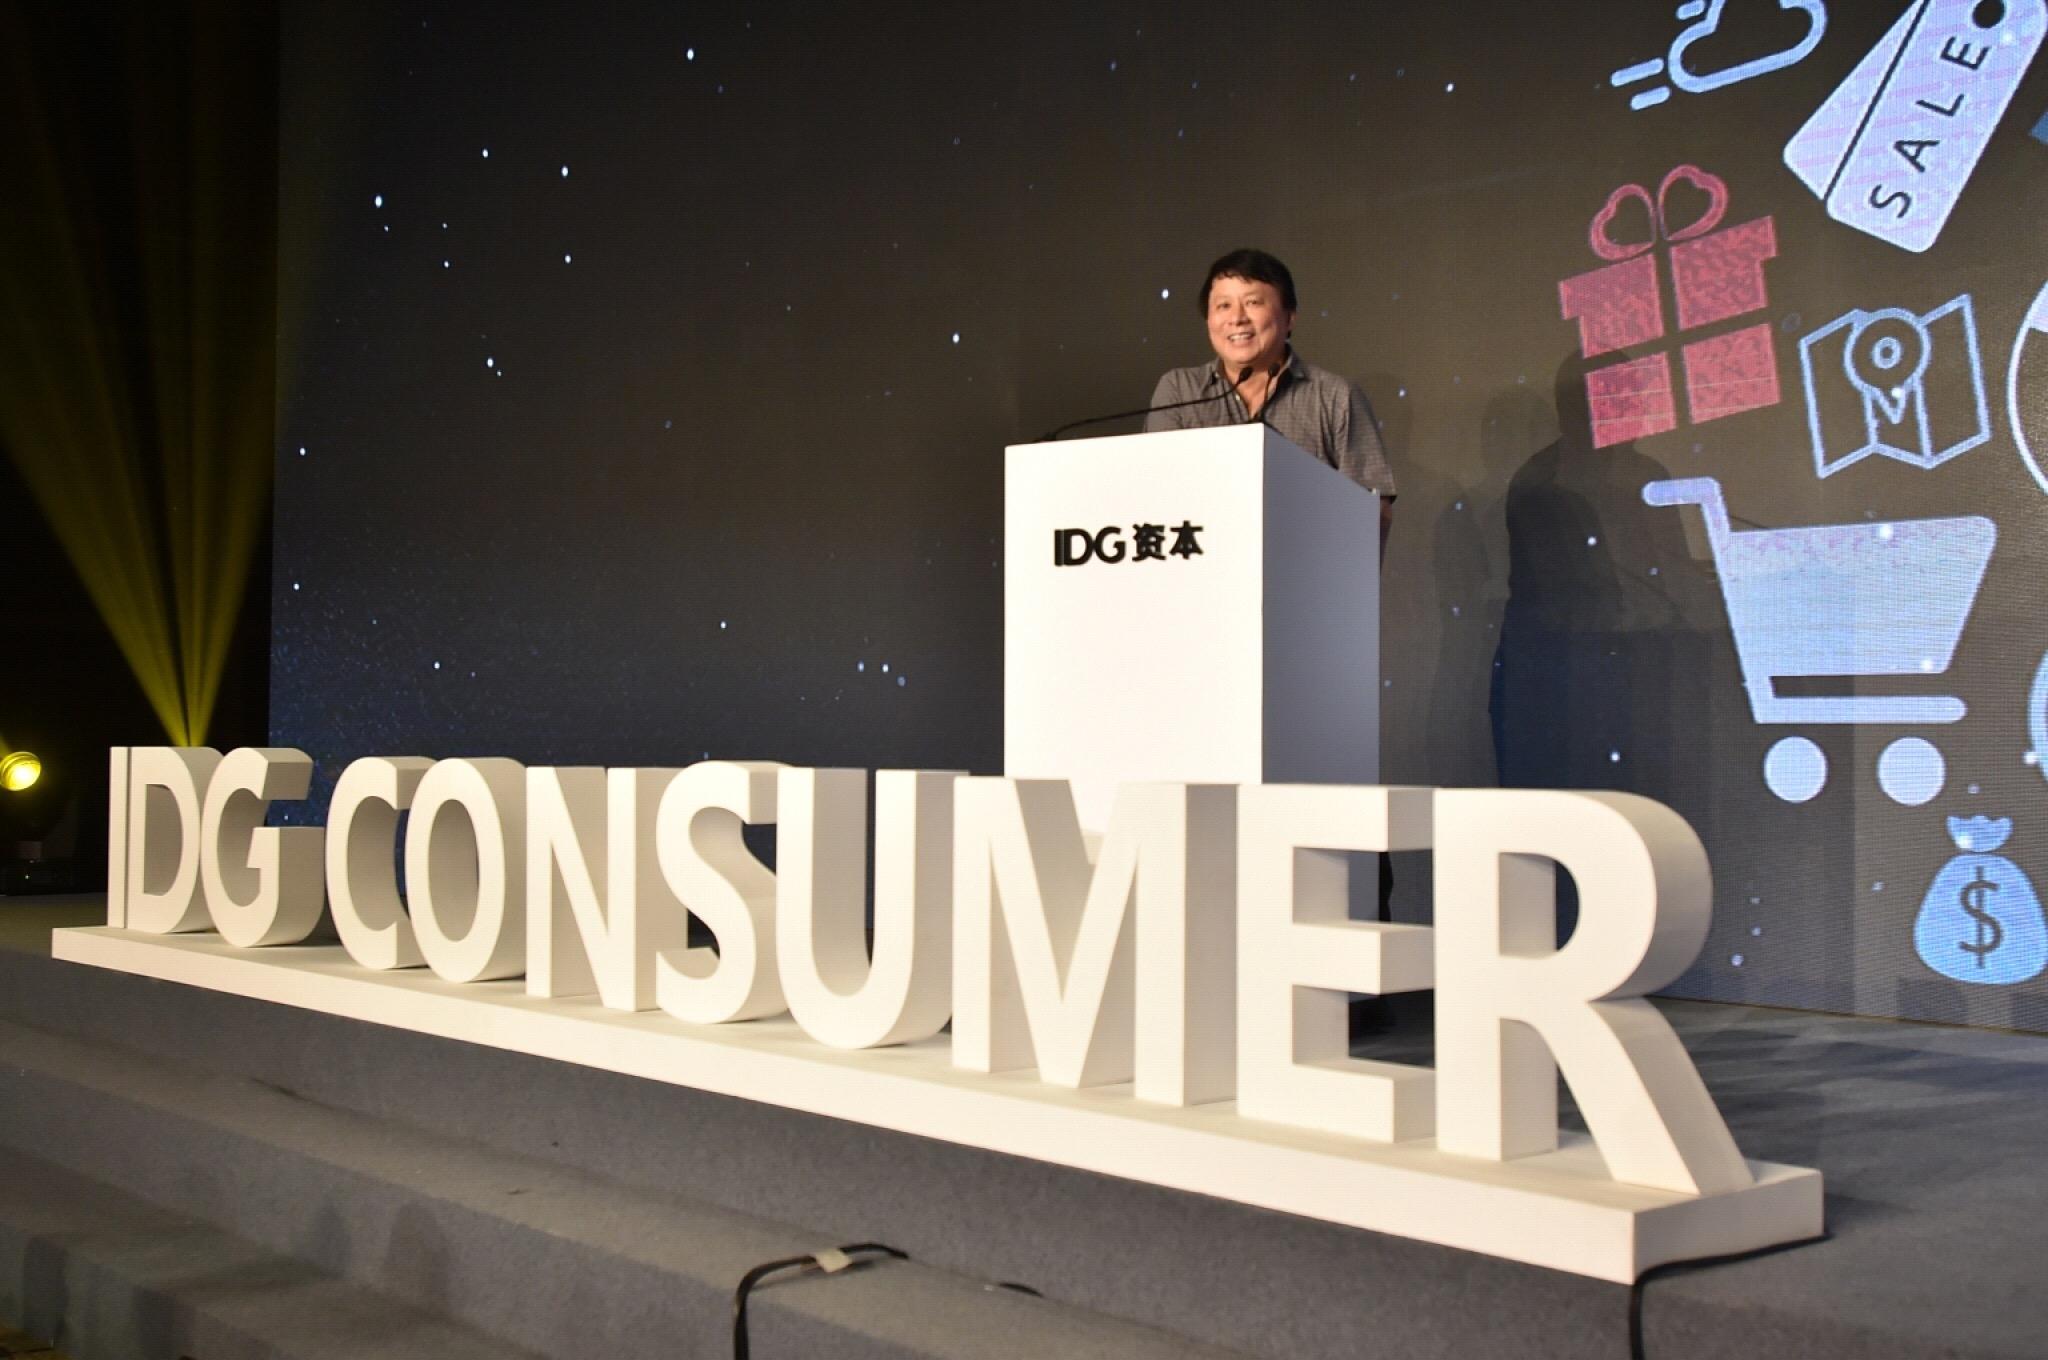 """消费产业将迎来颠覆性的大机会!深度解读 IDG资本""""新消费时代峰会""""传递的重要信息"""